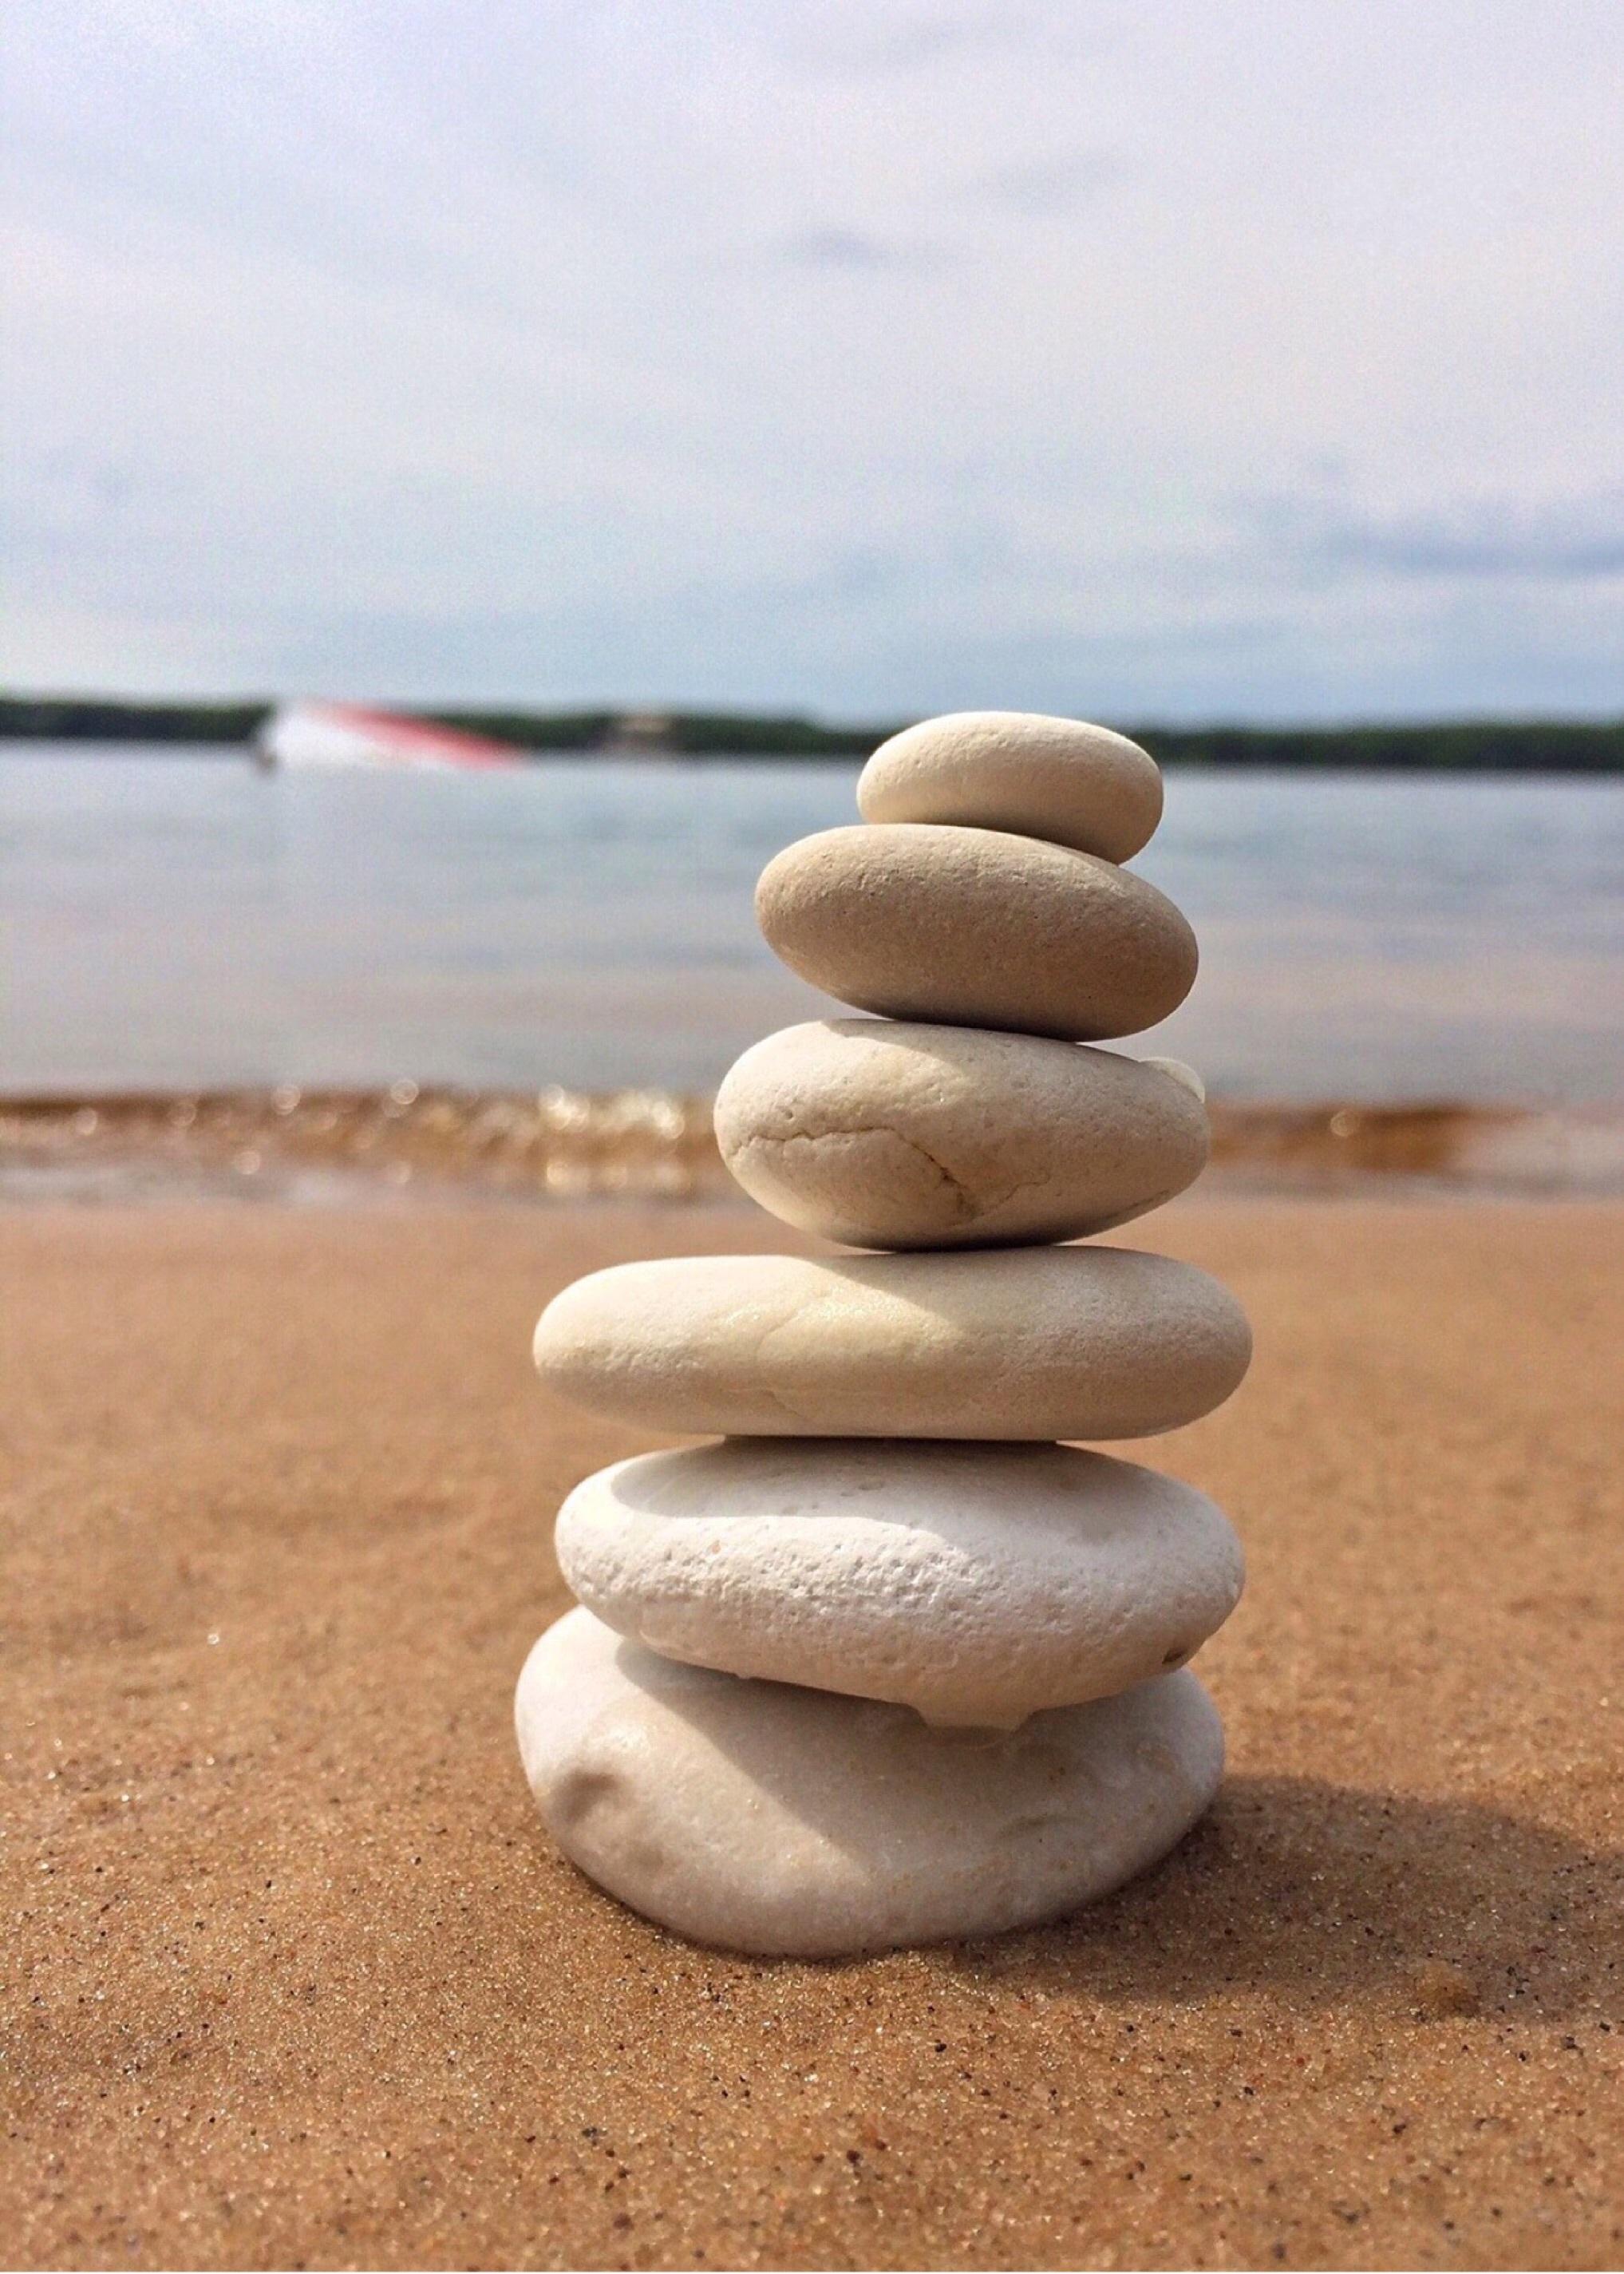 playa mar arena rock apuntalar piedra tranquilo equilibrar guijarro material zen rocas apilado - Piedras Zen